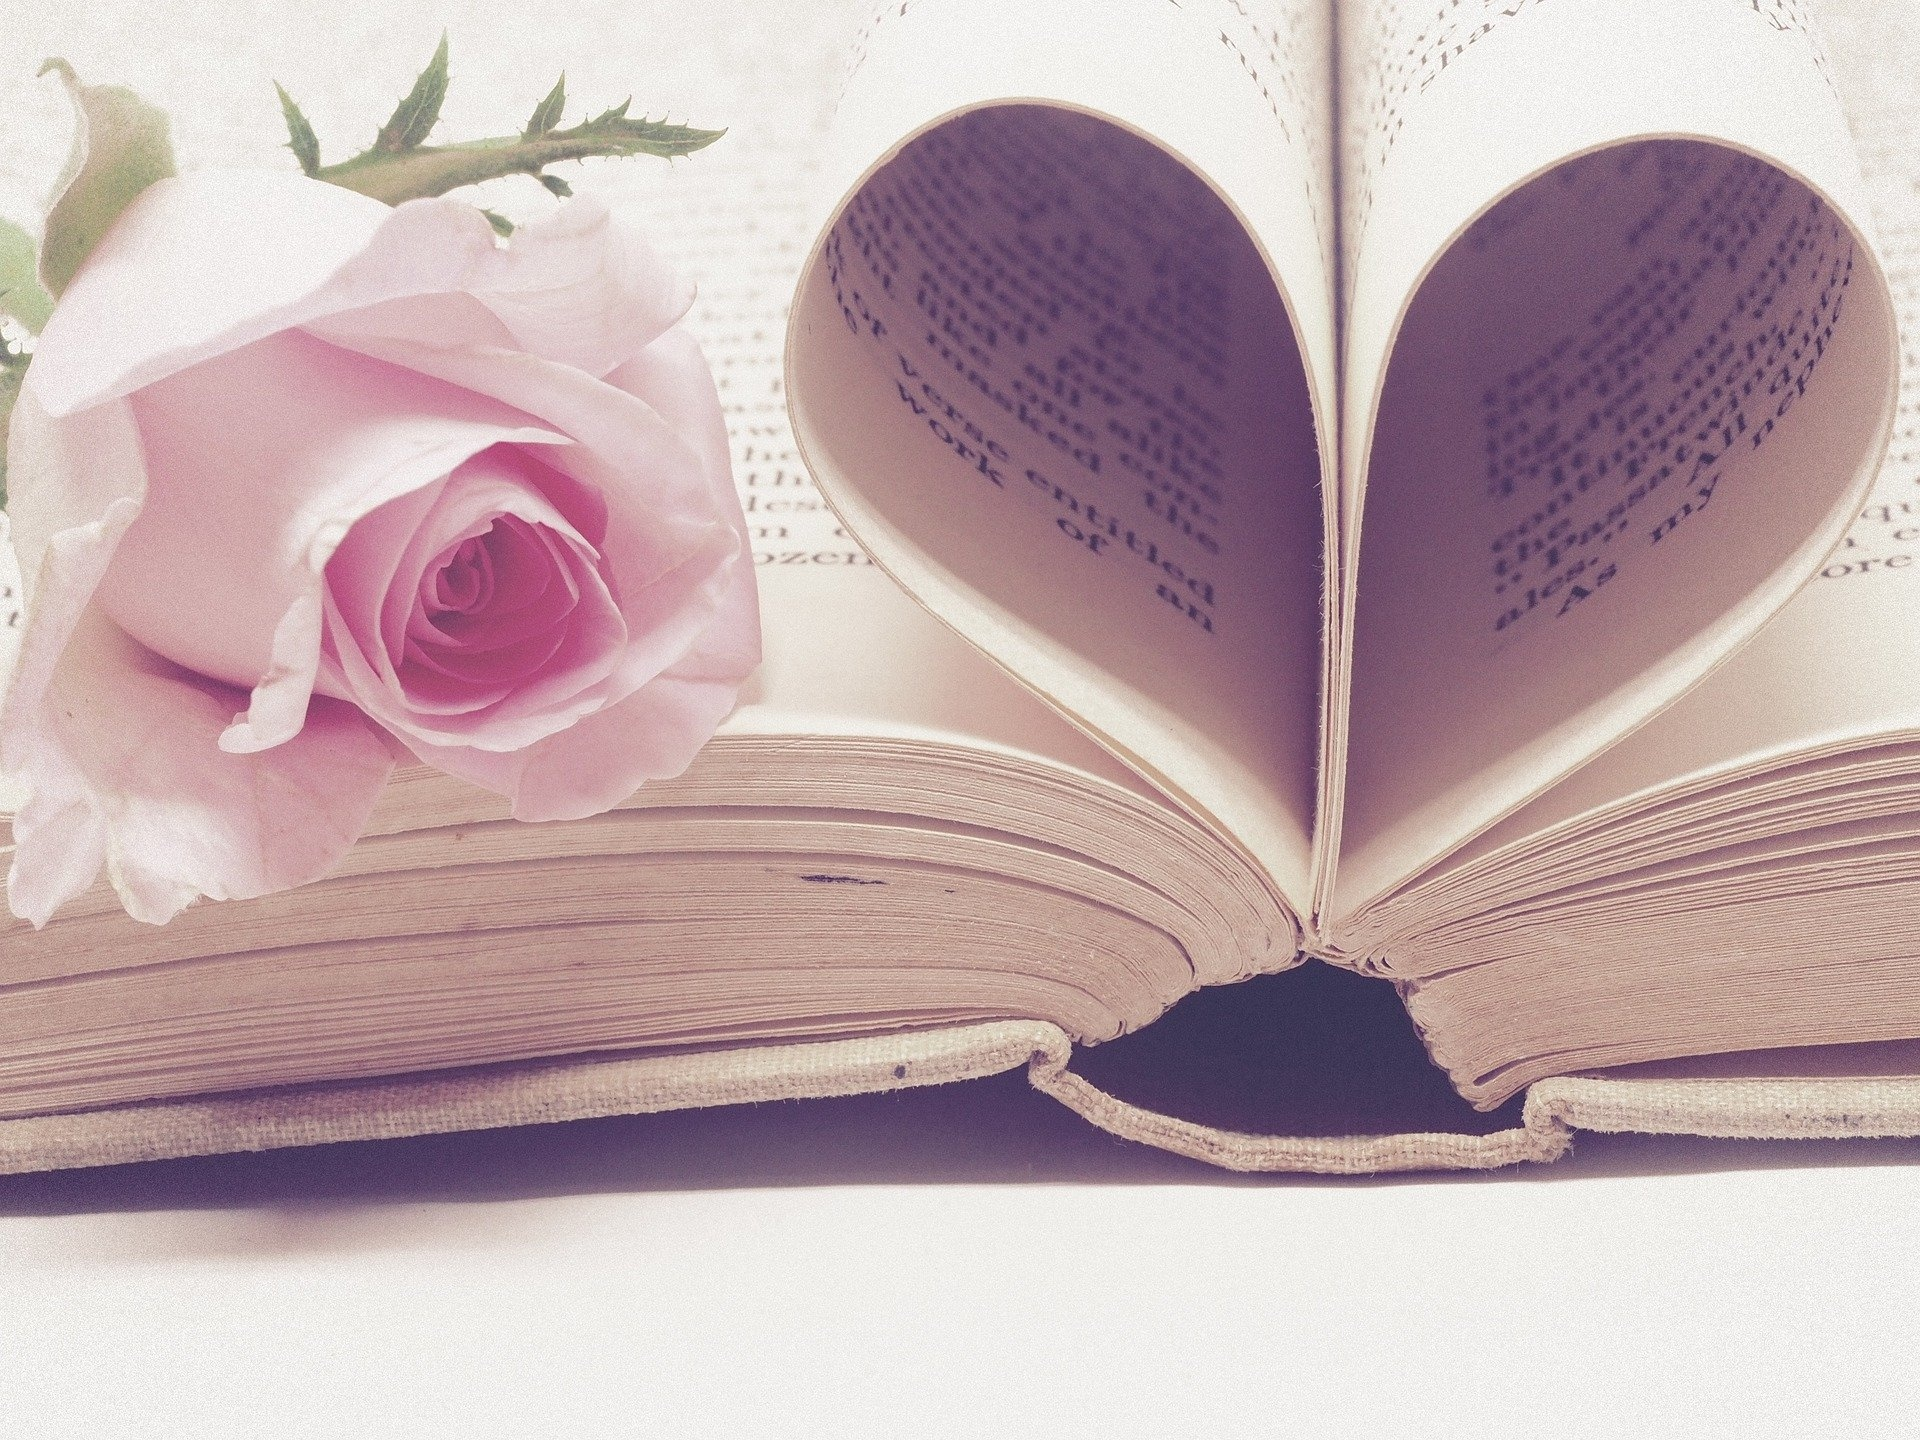 literature3060241_1920_1920